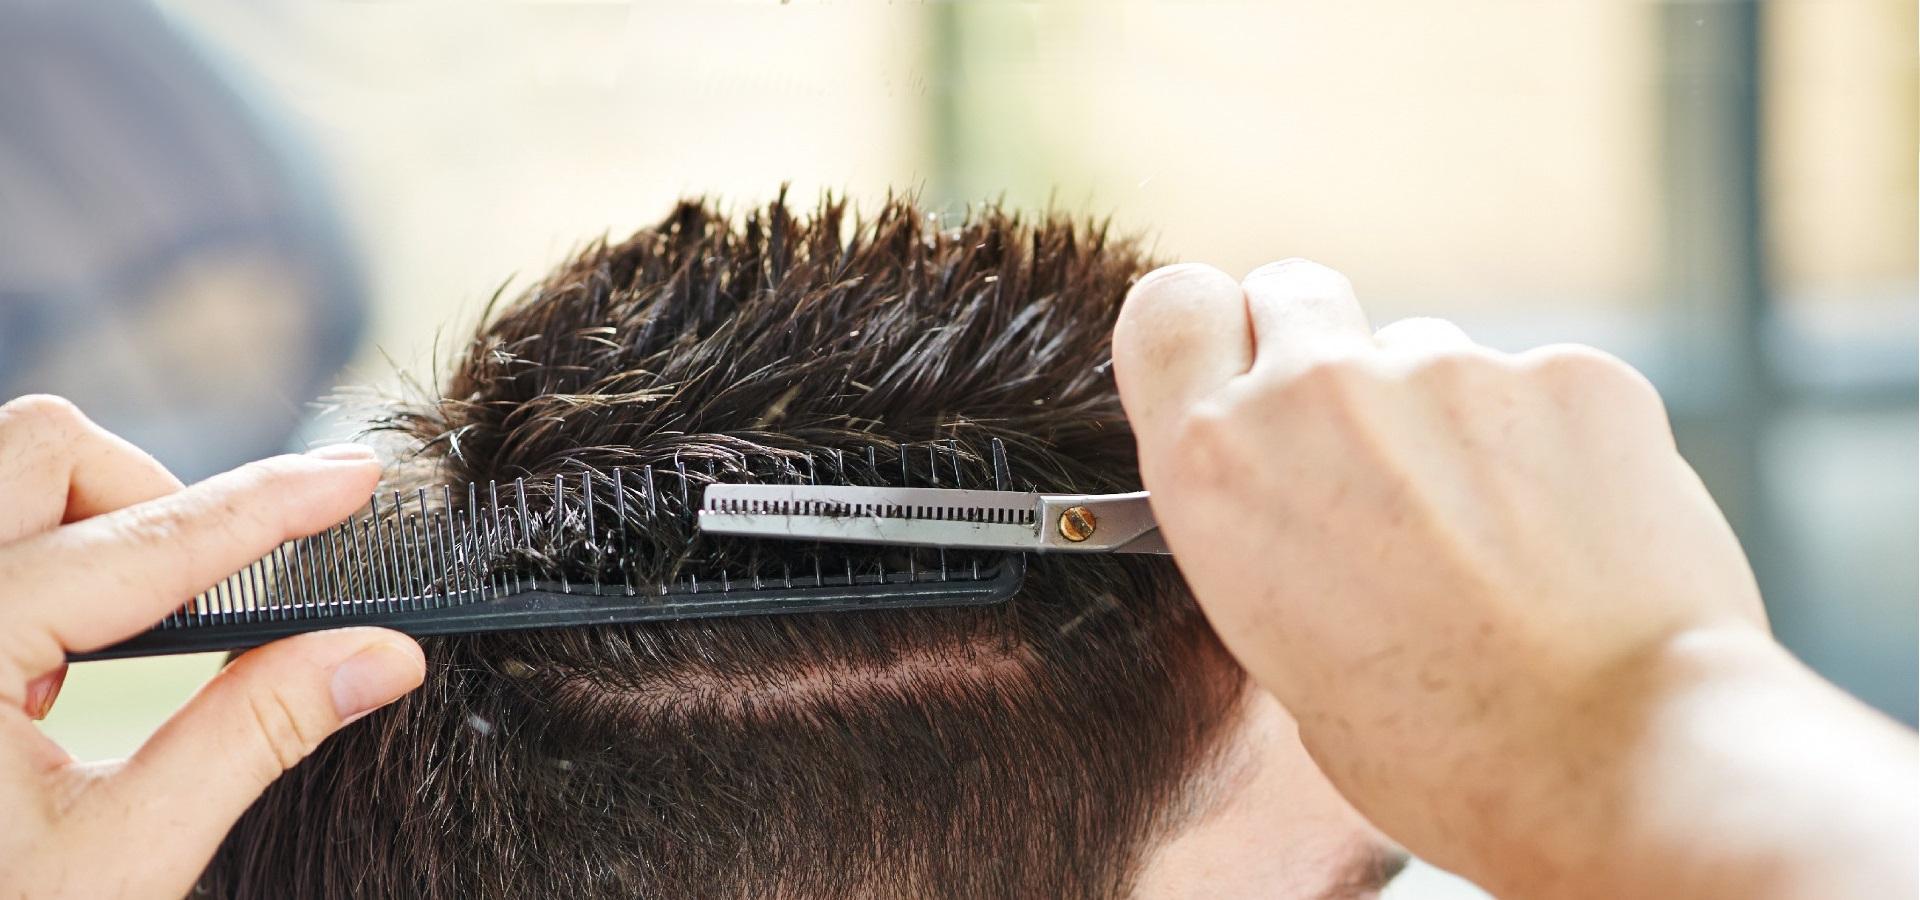 Il barber shop e parrucchiere Luca Conti sfoltisce i capelli